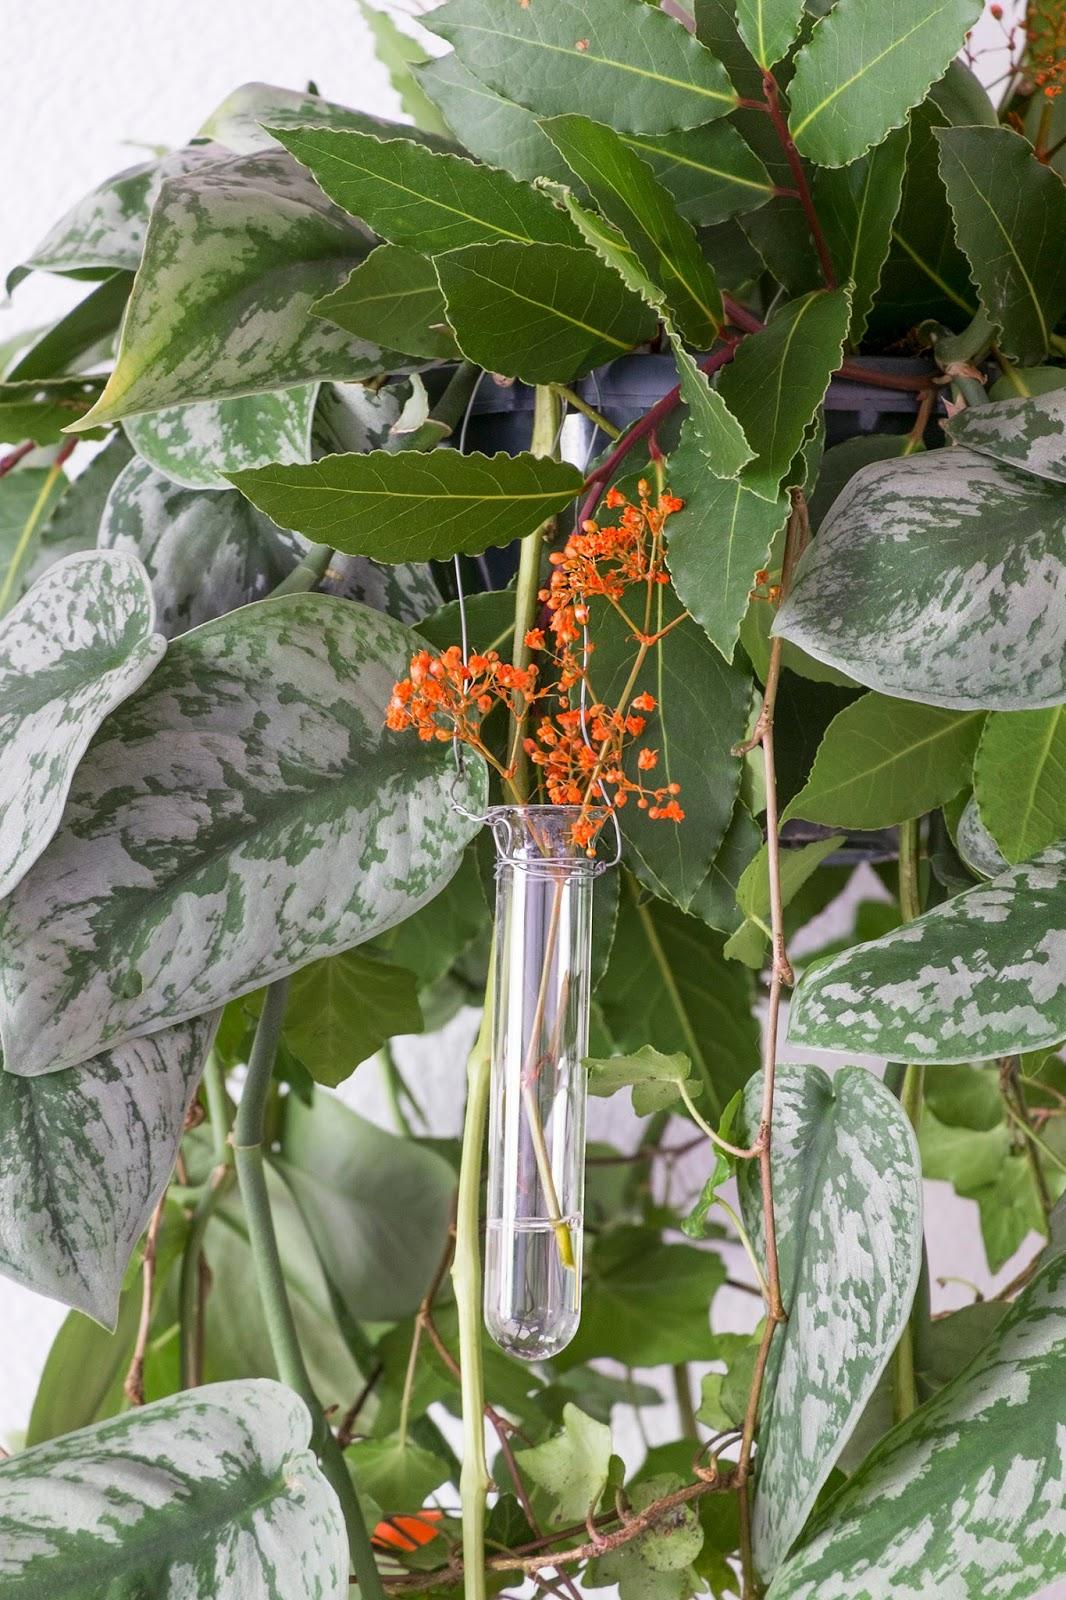 Herfst decoratie met plant en physalis (lampionnetjes)-stap voor stap